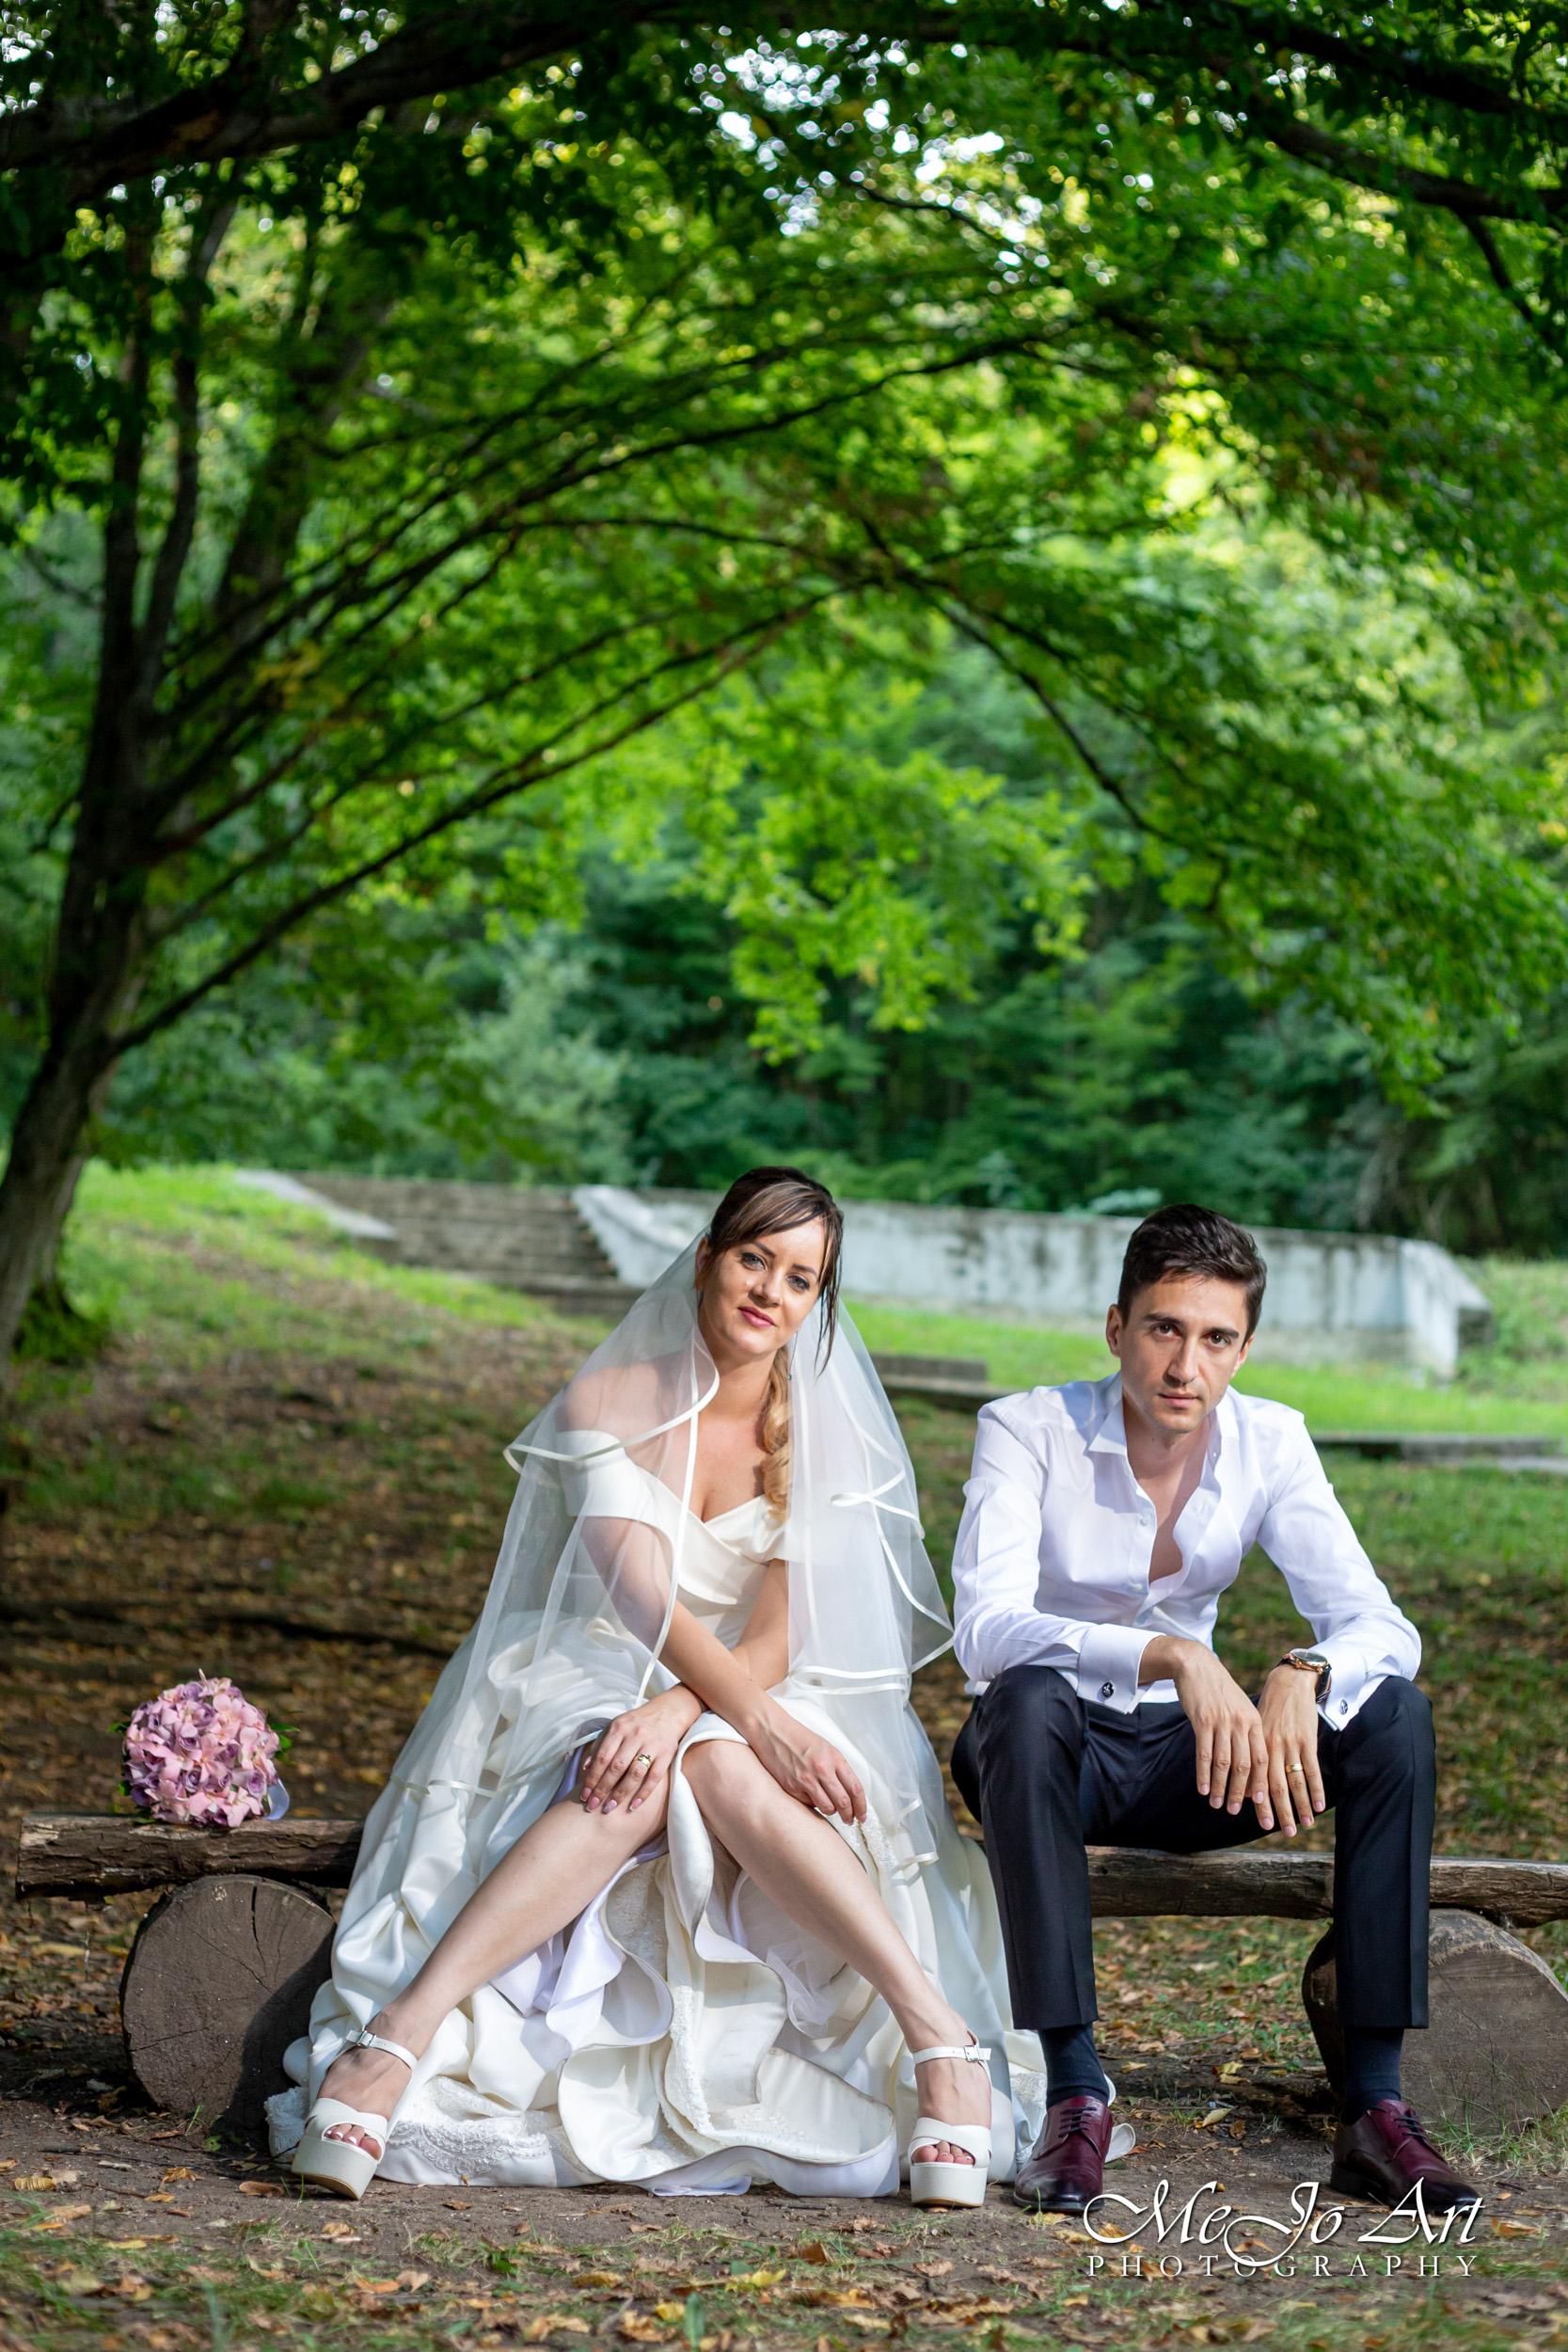 MeJo Art Bucur Ionut Fotograf Nunta-0190